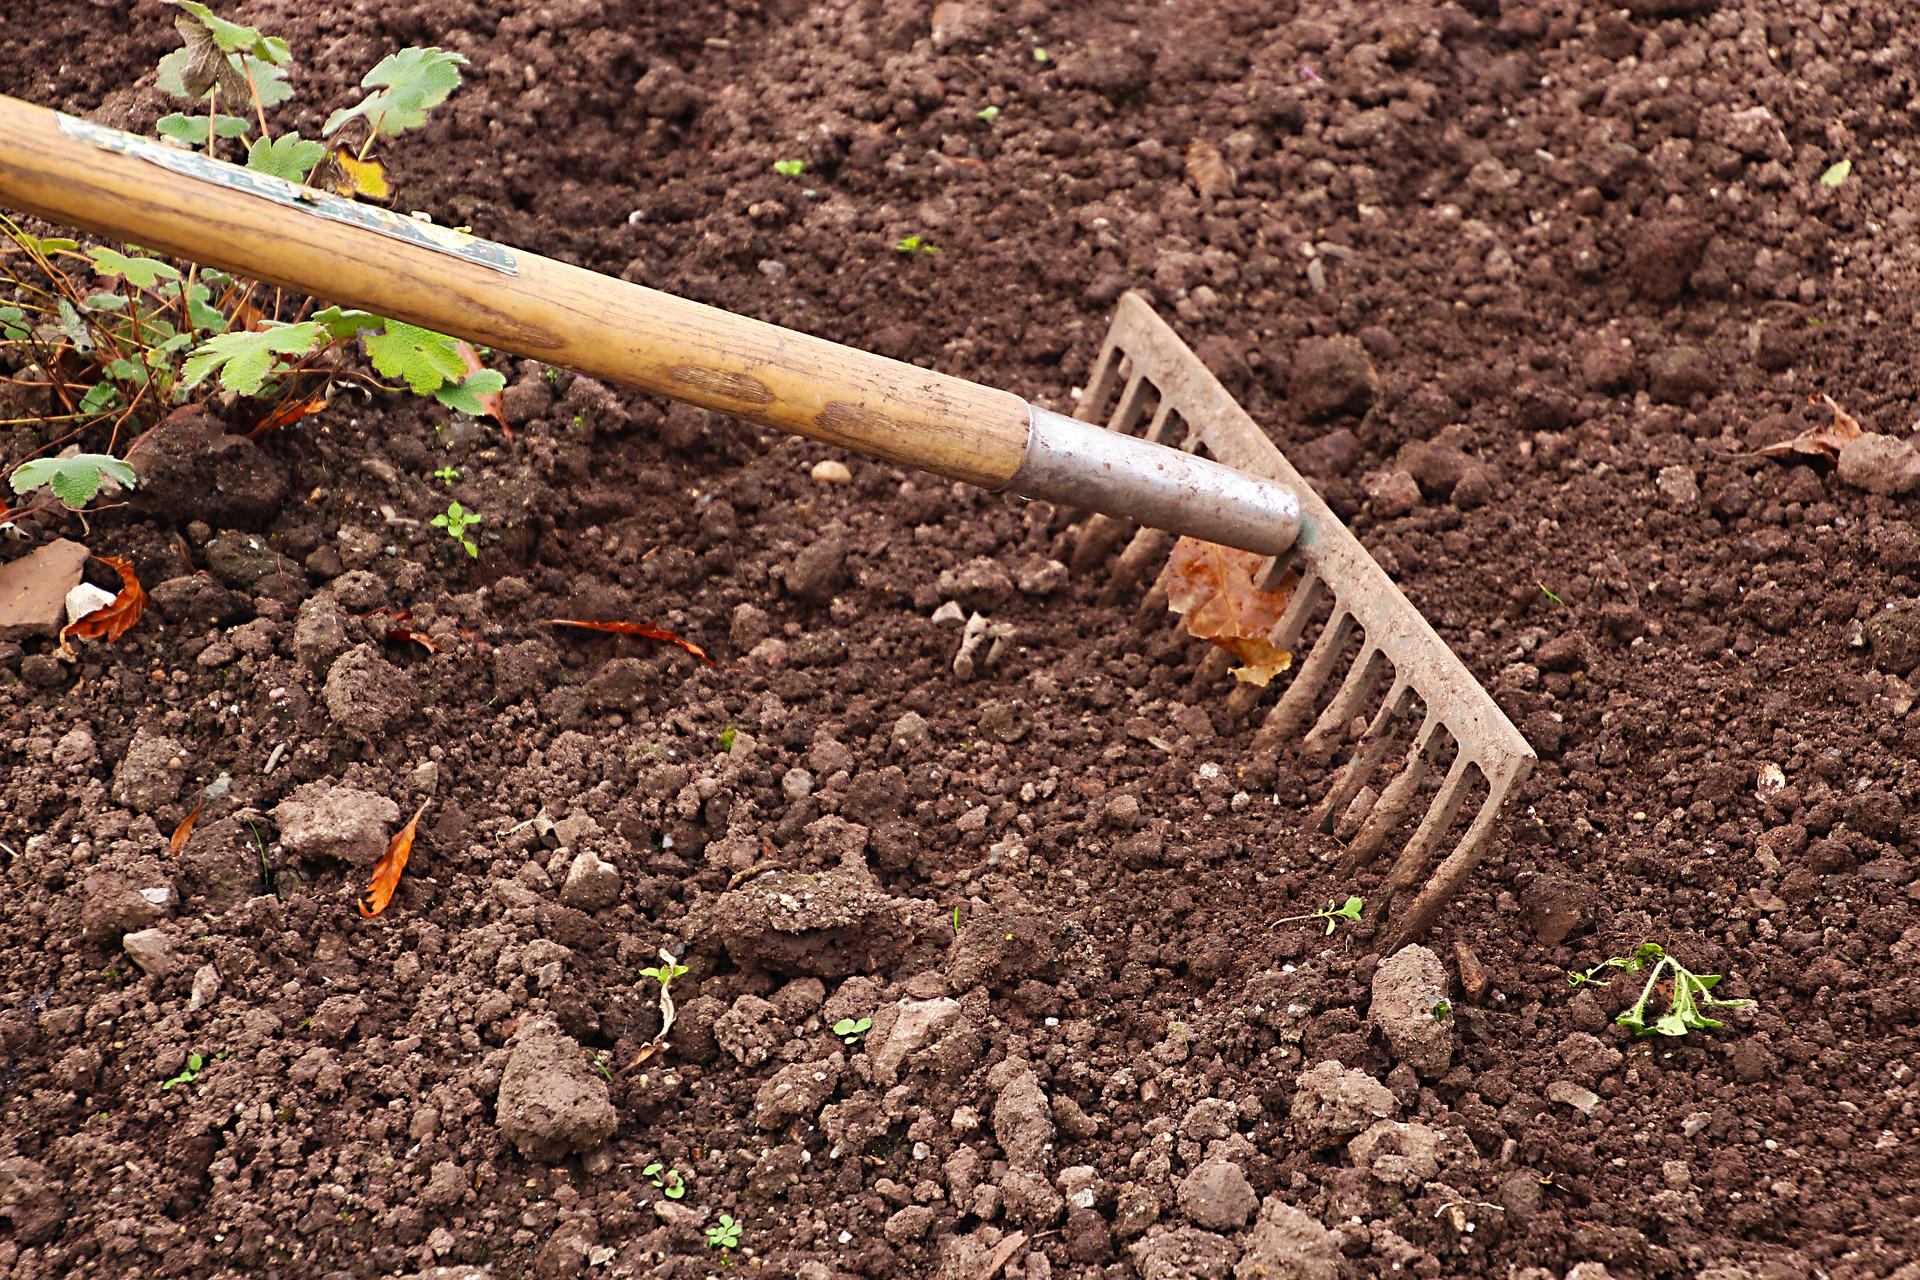 Gardening raking and weeding